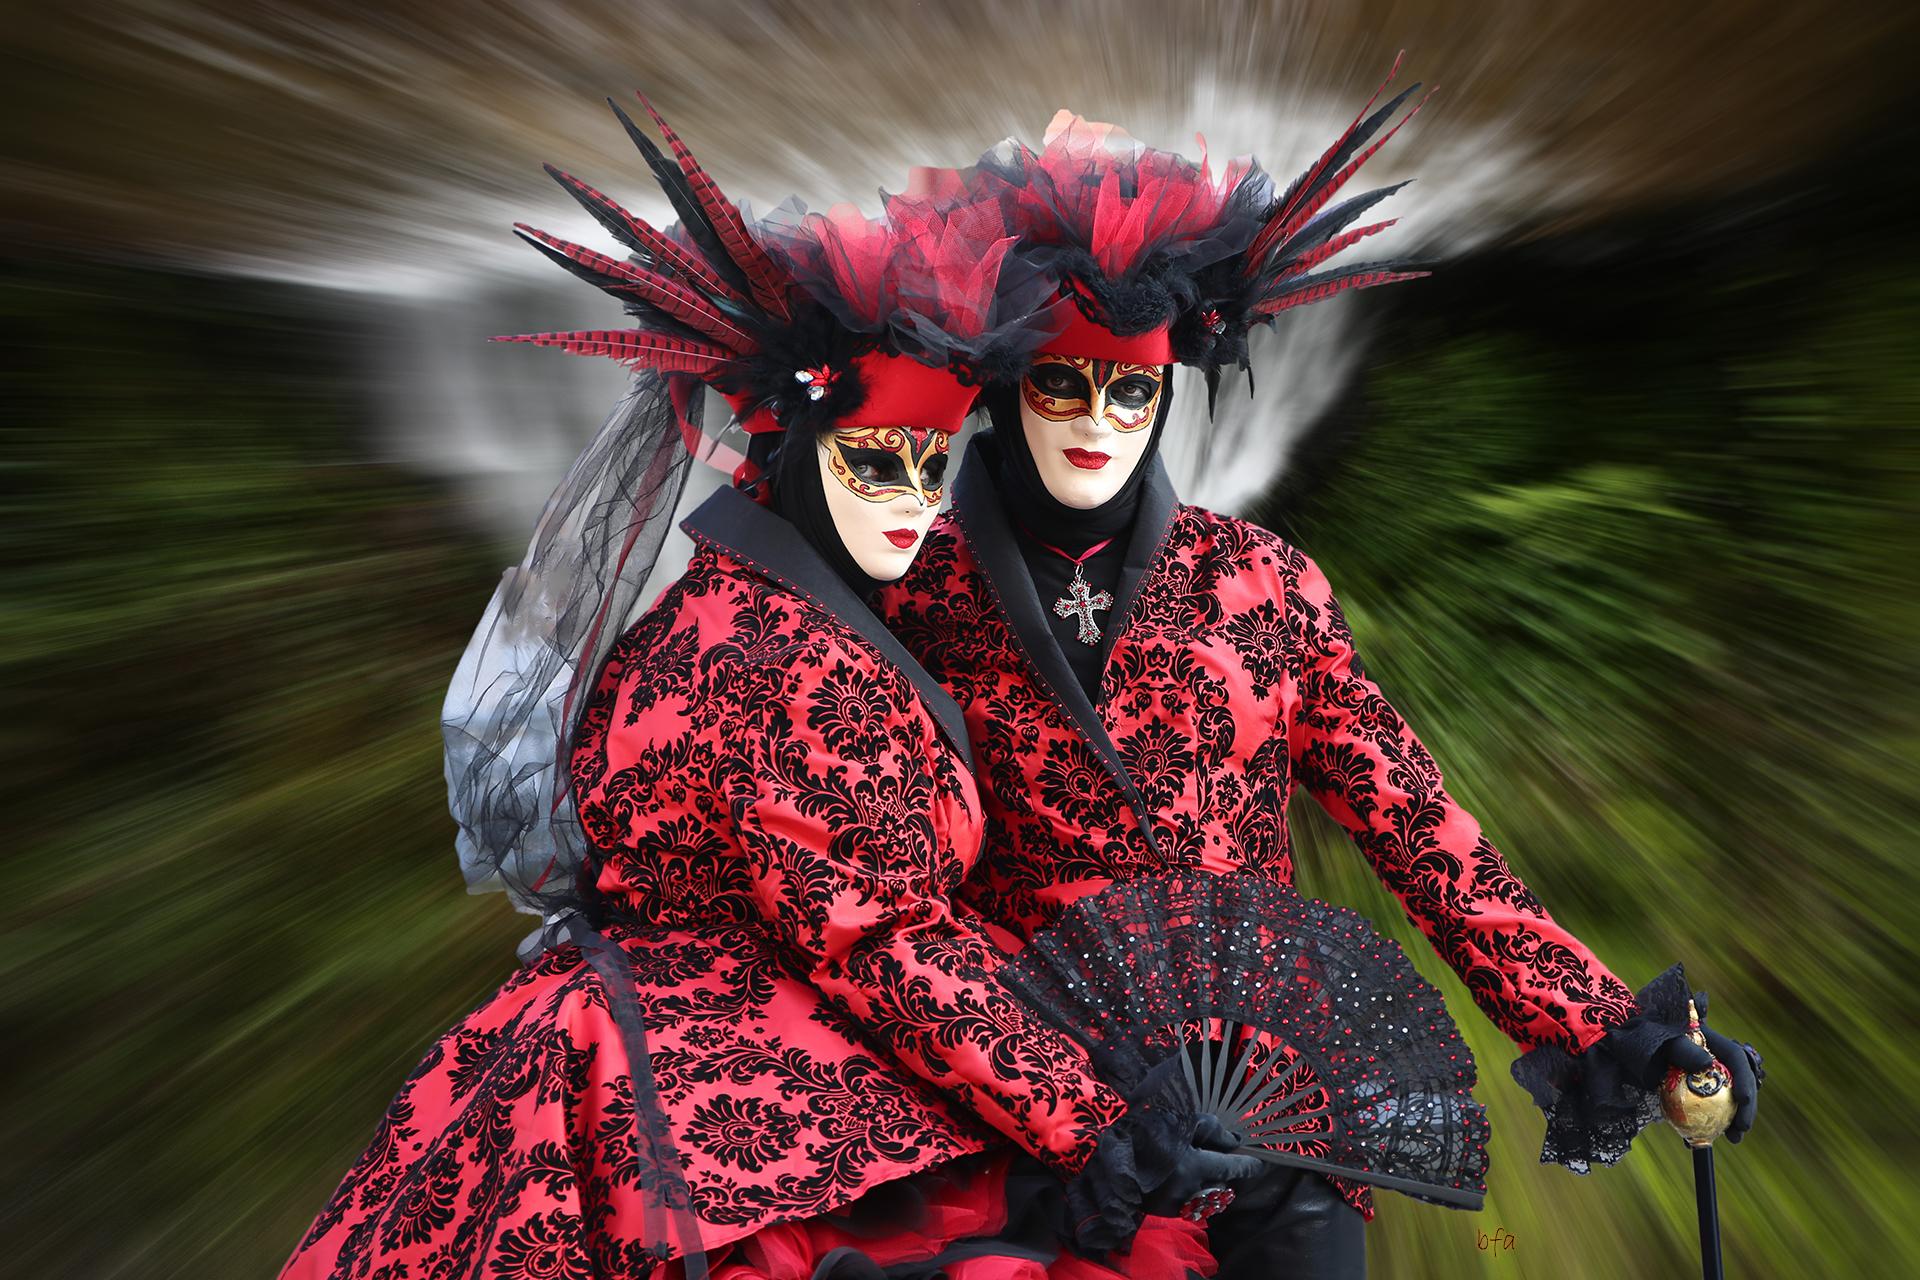 En rouge et noir - Photo Blandine et Francis Aubertin